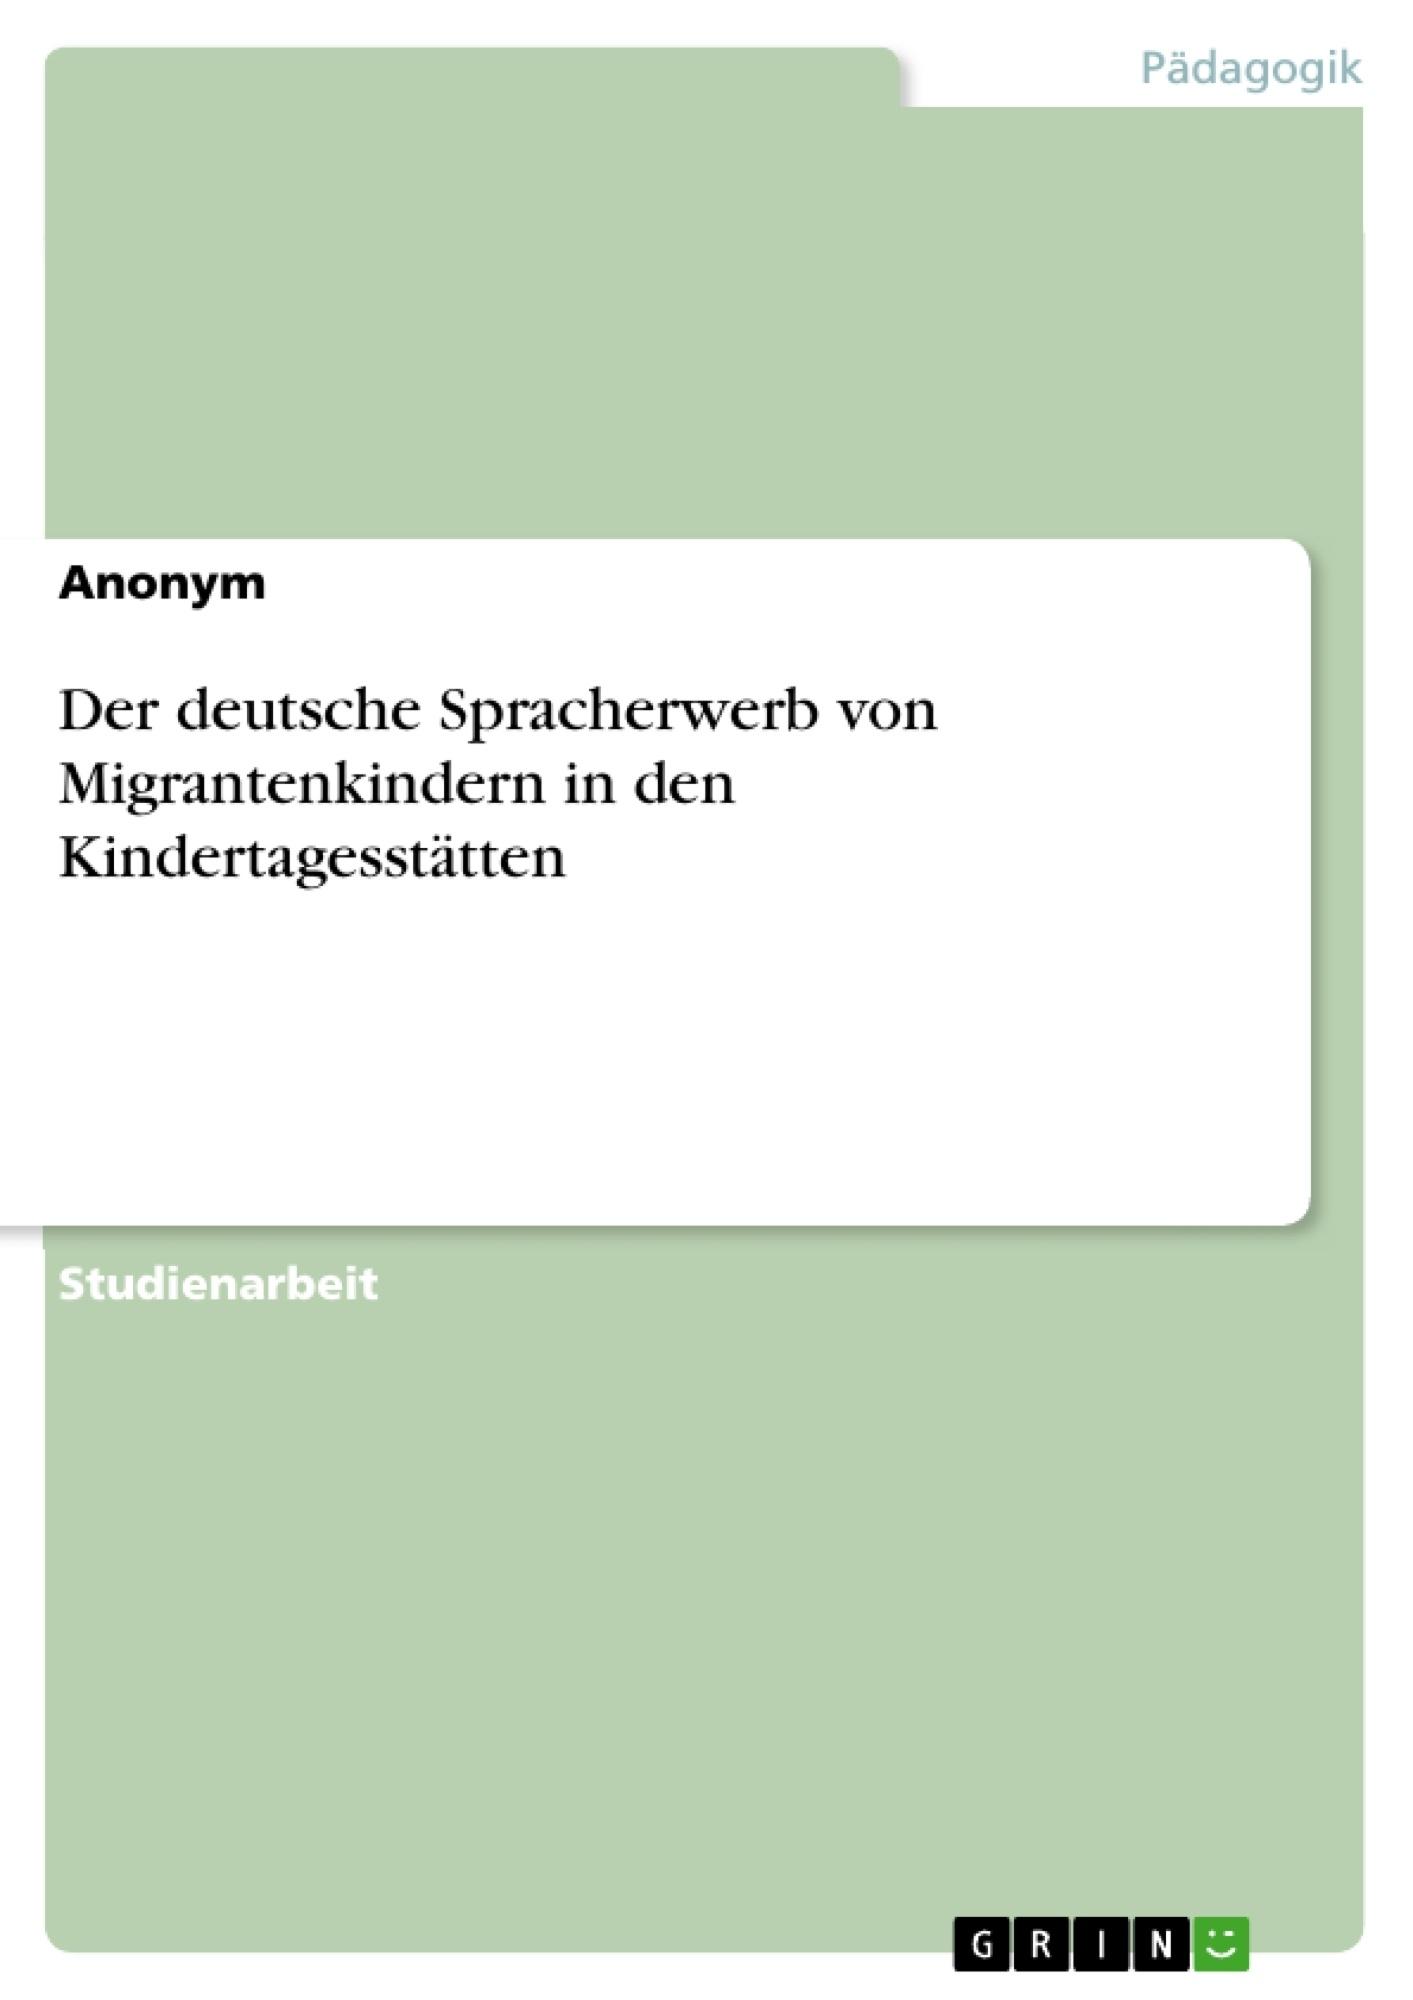 Titel: Der deutsche Spracherwerb von Migrantenkindern in den Kindertagesstätten